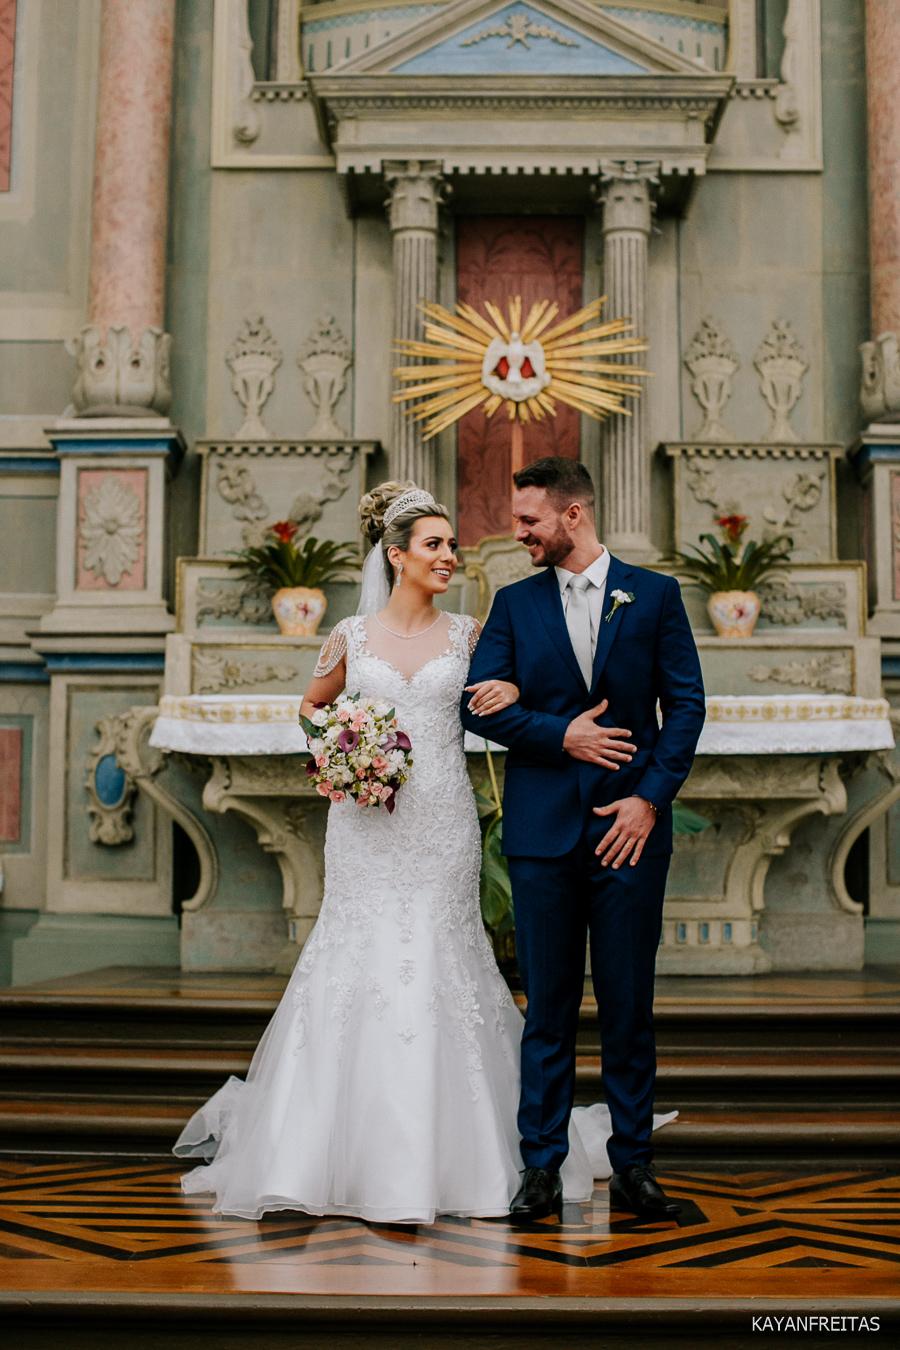 casamento-condominio-koerich-0081 Casamento Giani e Felipe - Condomínio Koerich